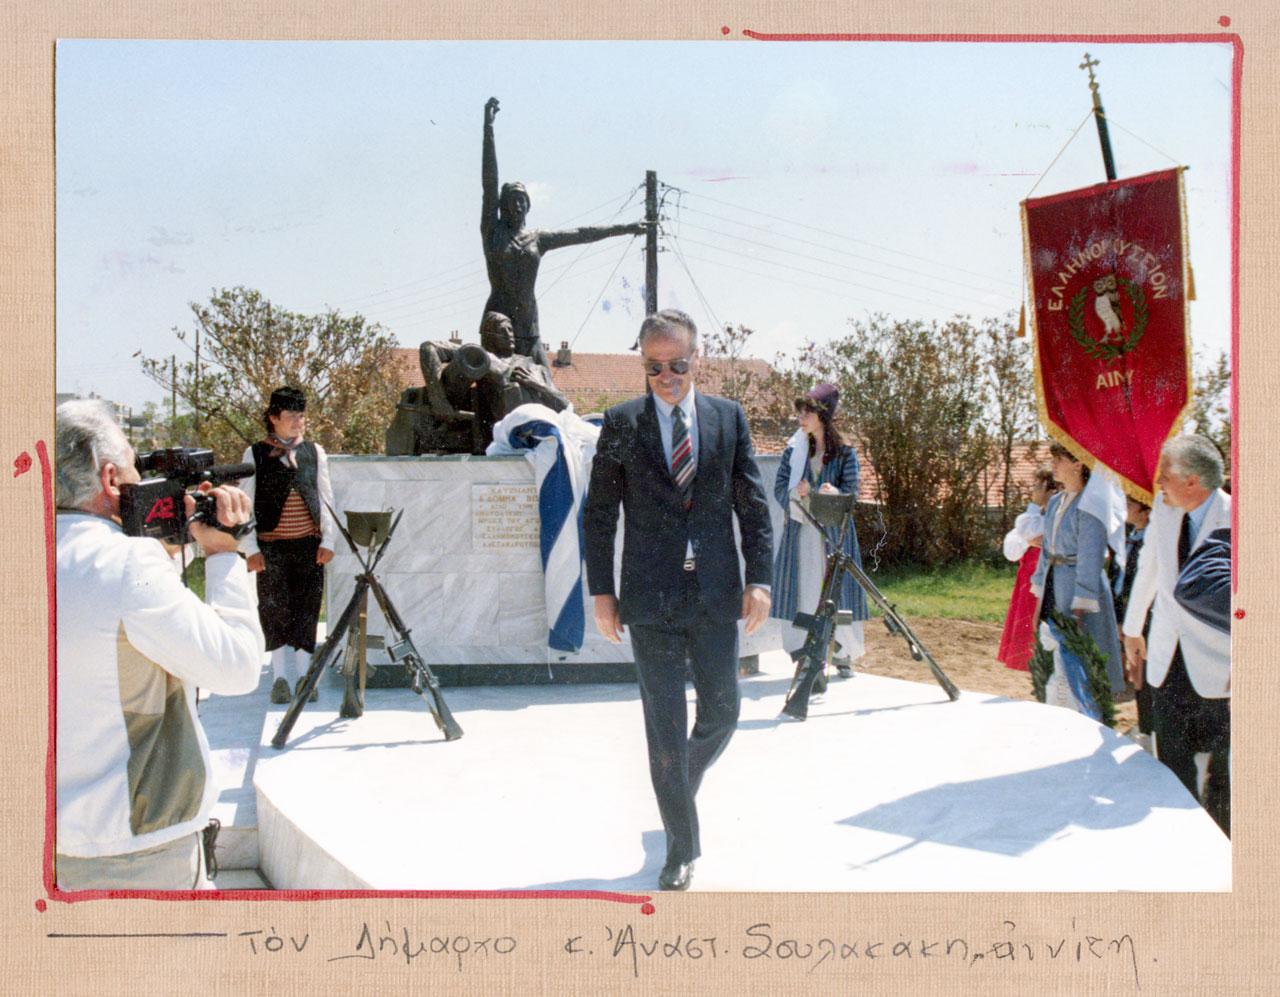 Το άγαλμα των Βισβίζηδων αποκαλύπτεται από τον δήμαρχο κ. Τάσο Σουλακάκη (24/5/1987)